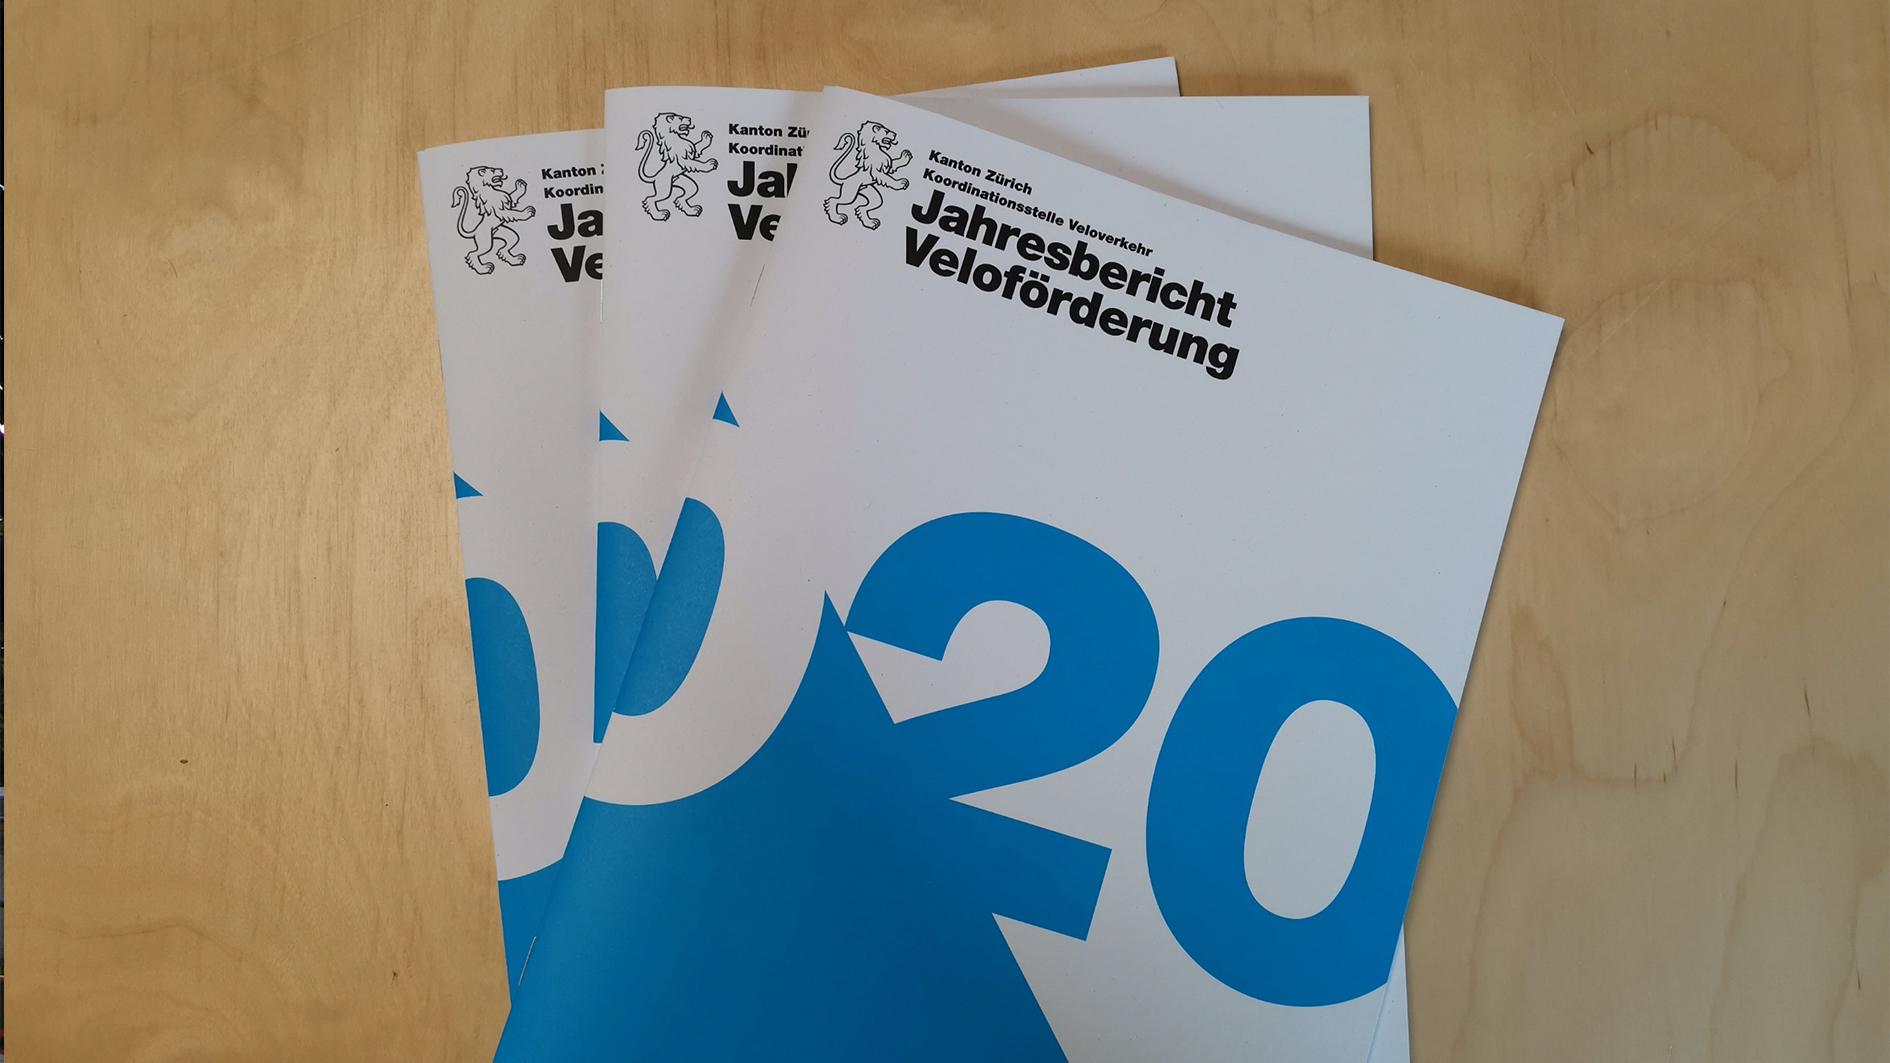 Das VeloförderprogramM im Kanton Zürich